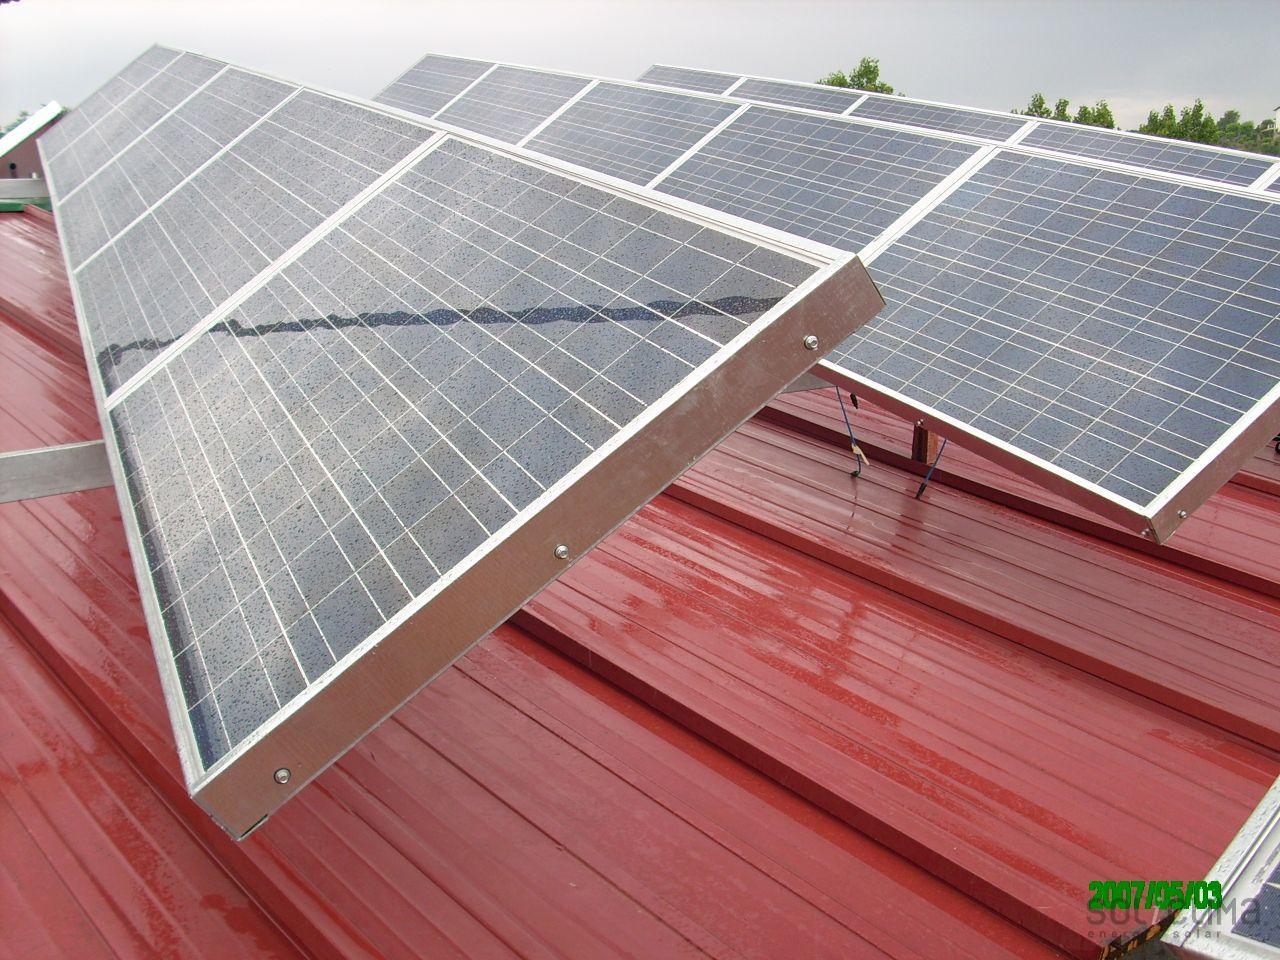 Solar Power Plant In Colorado